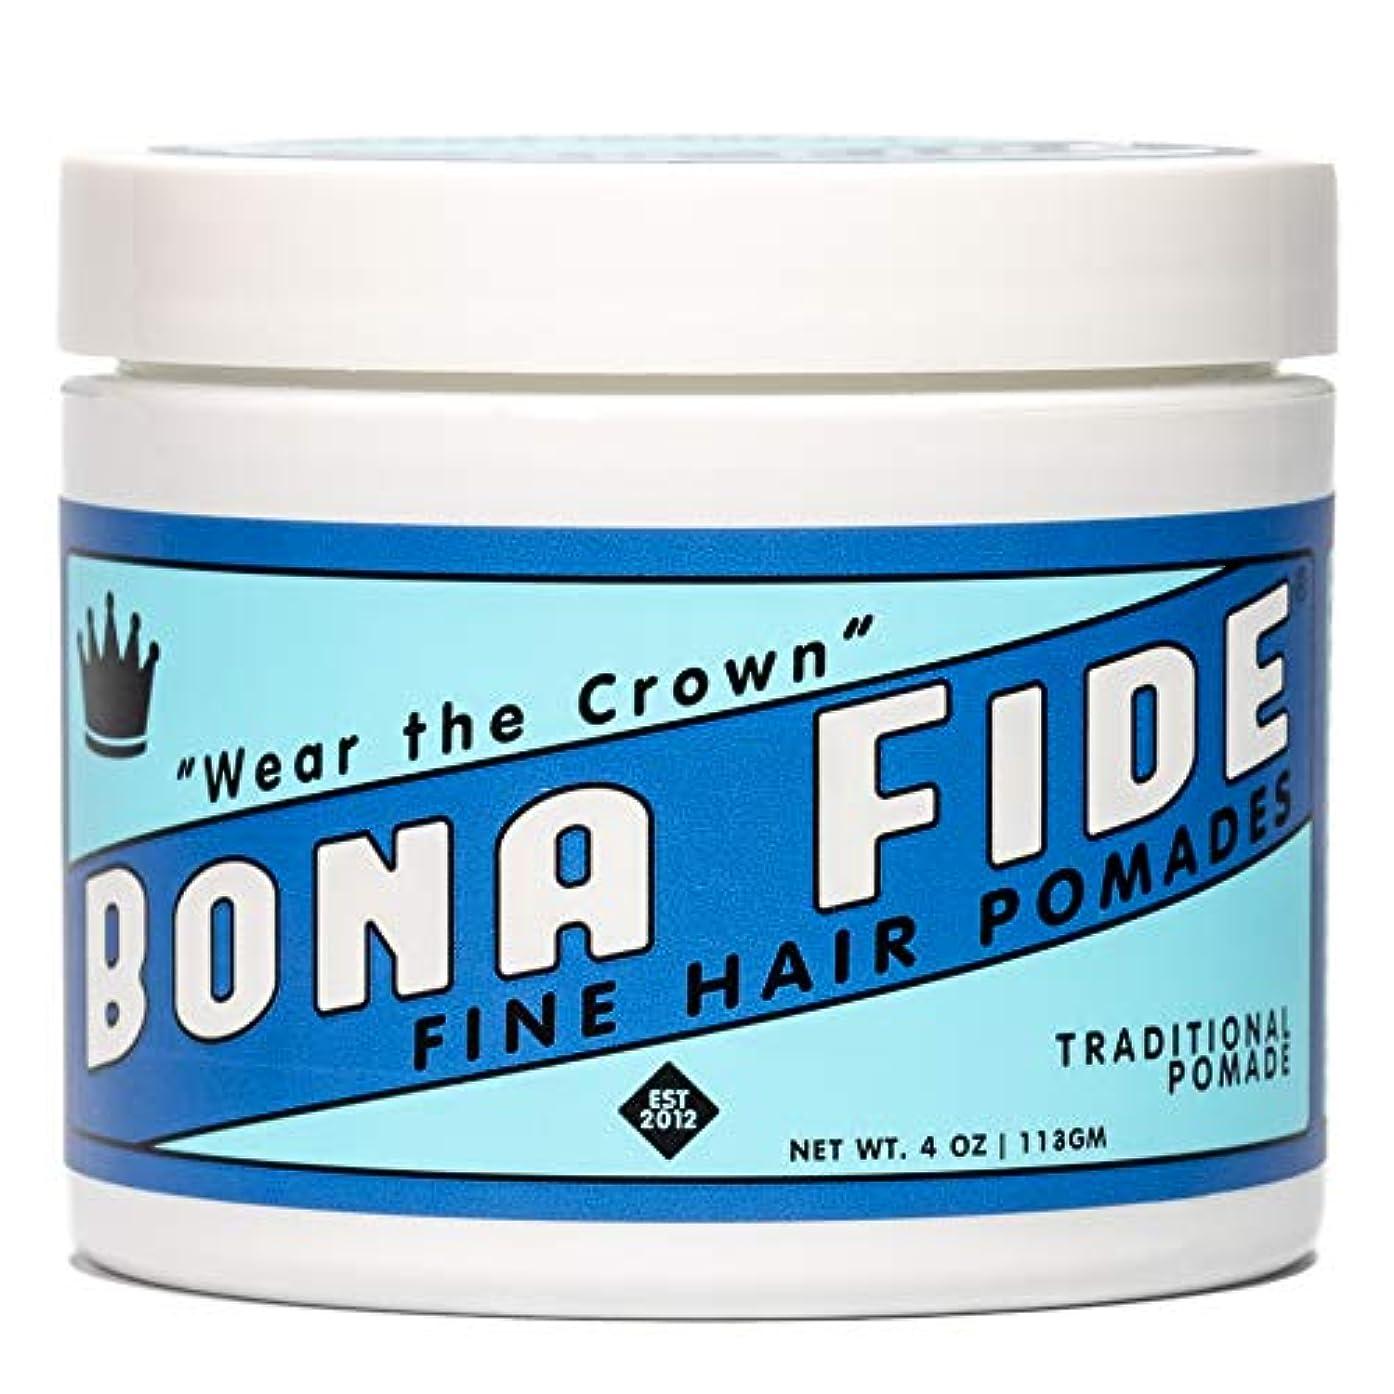 とげ銅デンマーク語Bona Fide Pomade, トラディショナルポマード, TRADITIONAL POMADE, 4oz (113g)、オイルベースポマード (整髪料/ヘアー スタイリング剤)